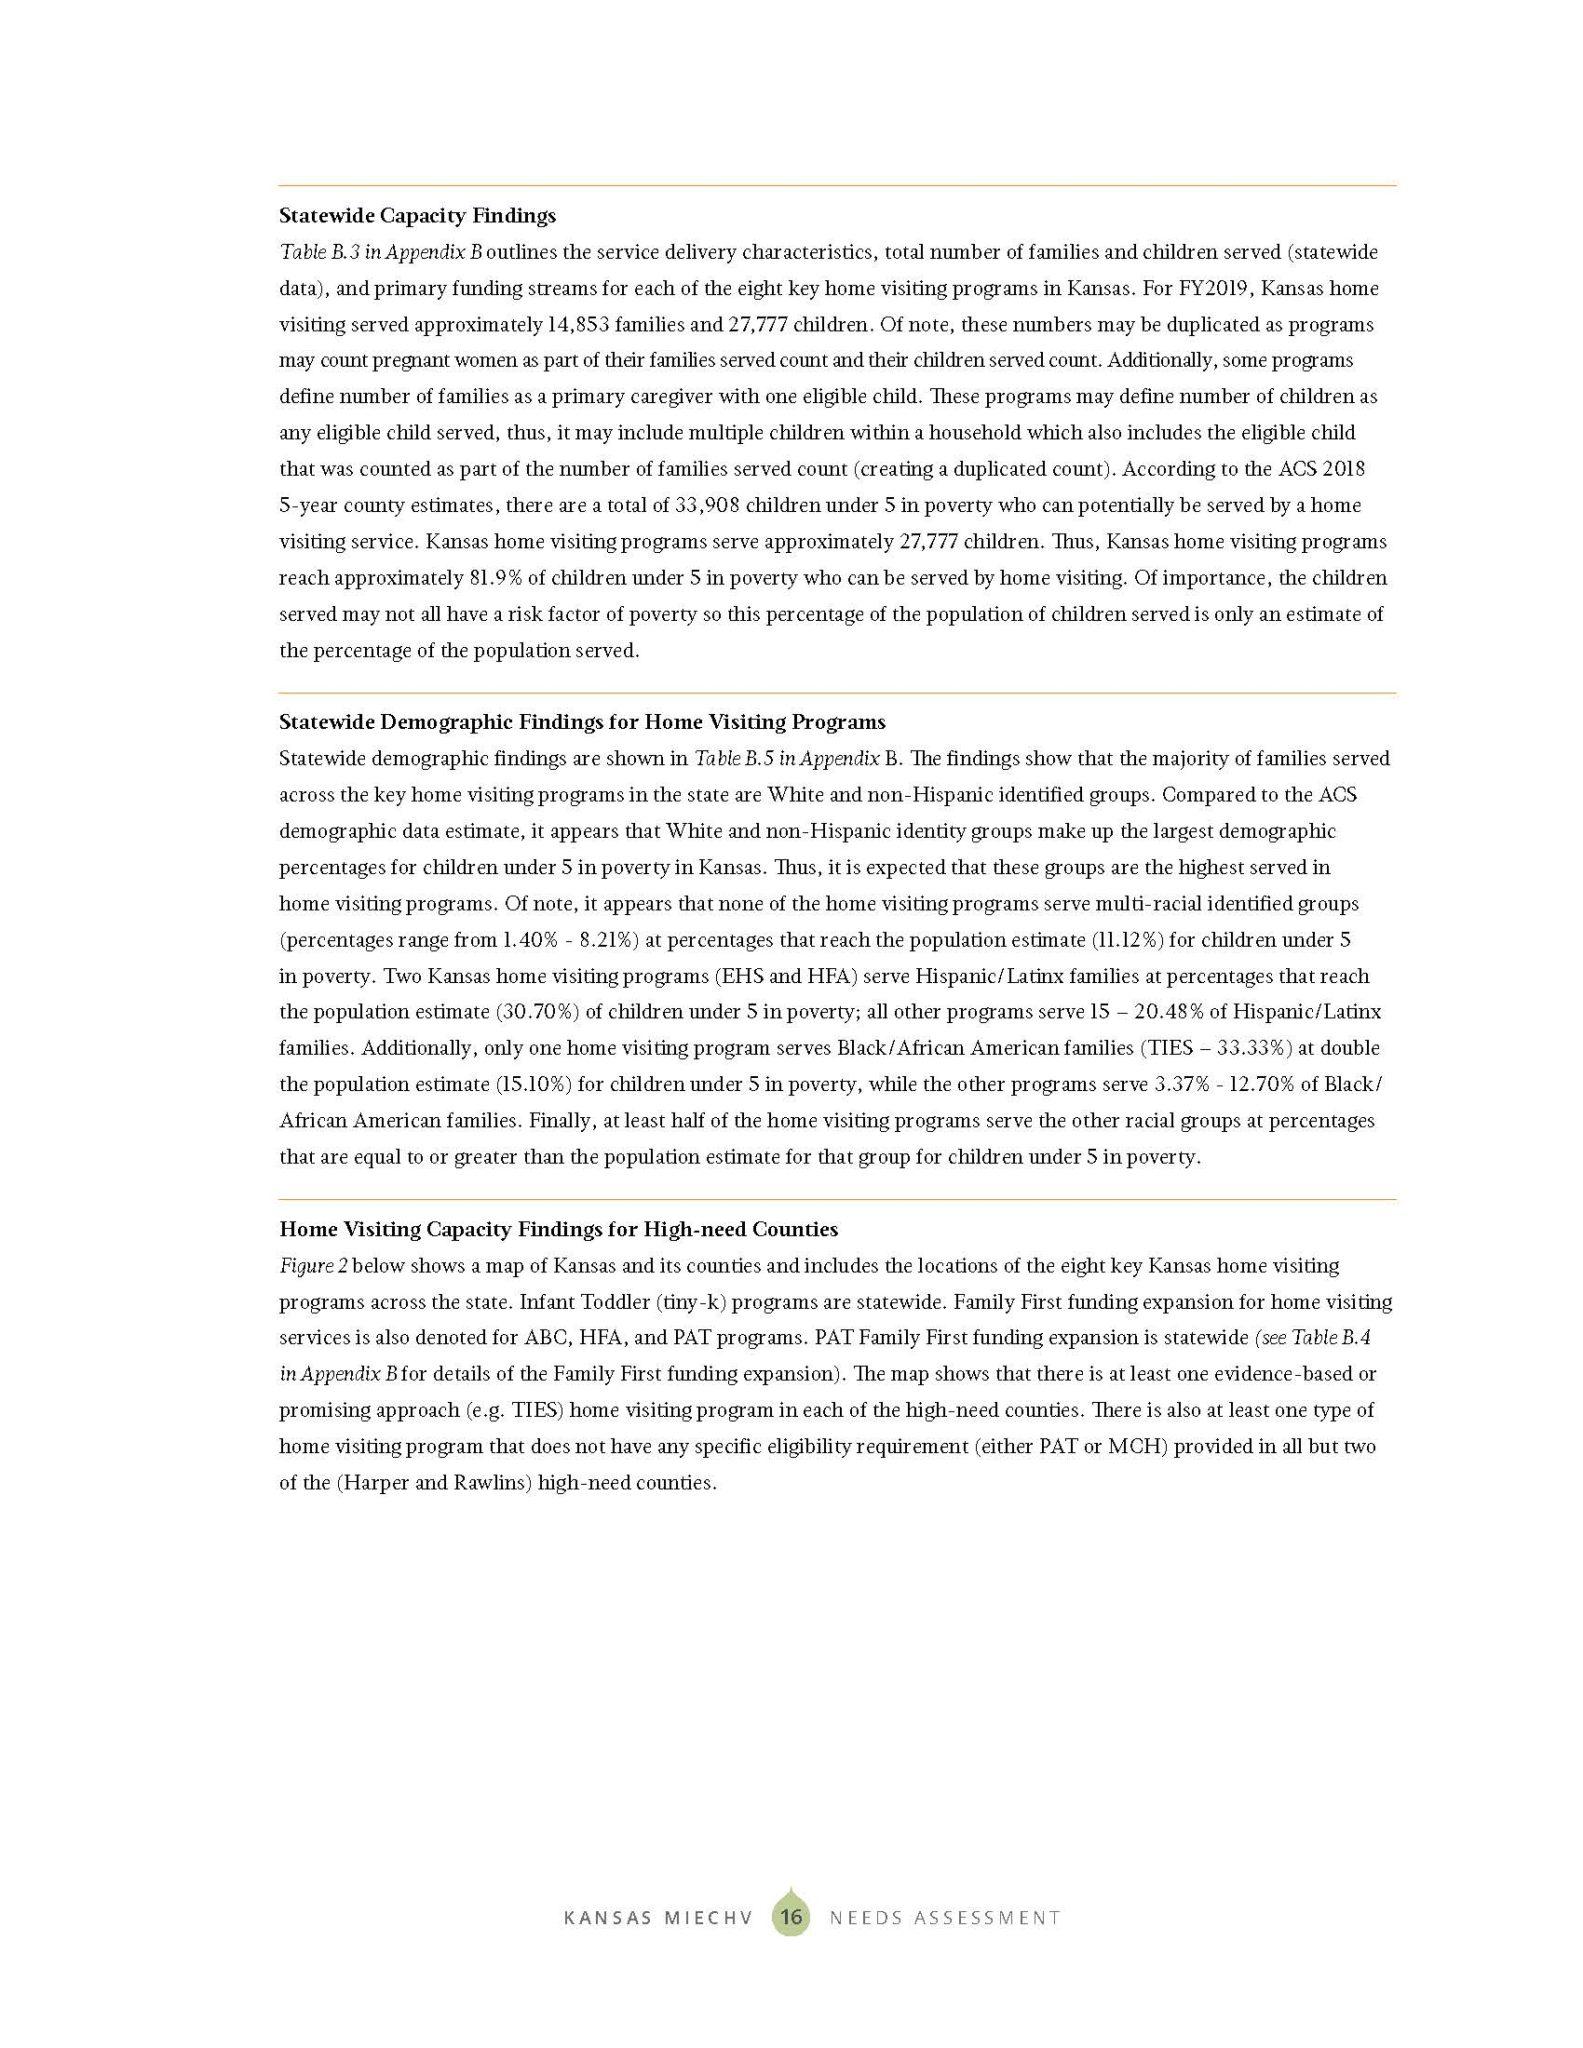 KS MIECHV 2020 Needs Assessment_DIGITAL_Page_024